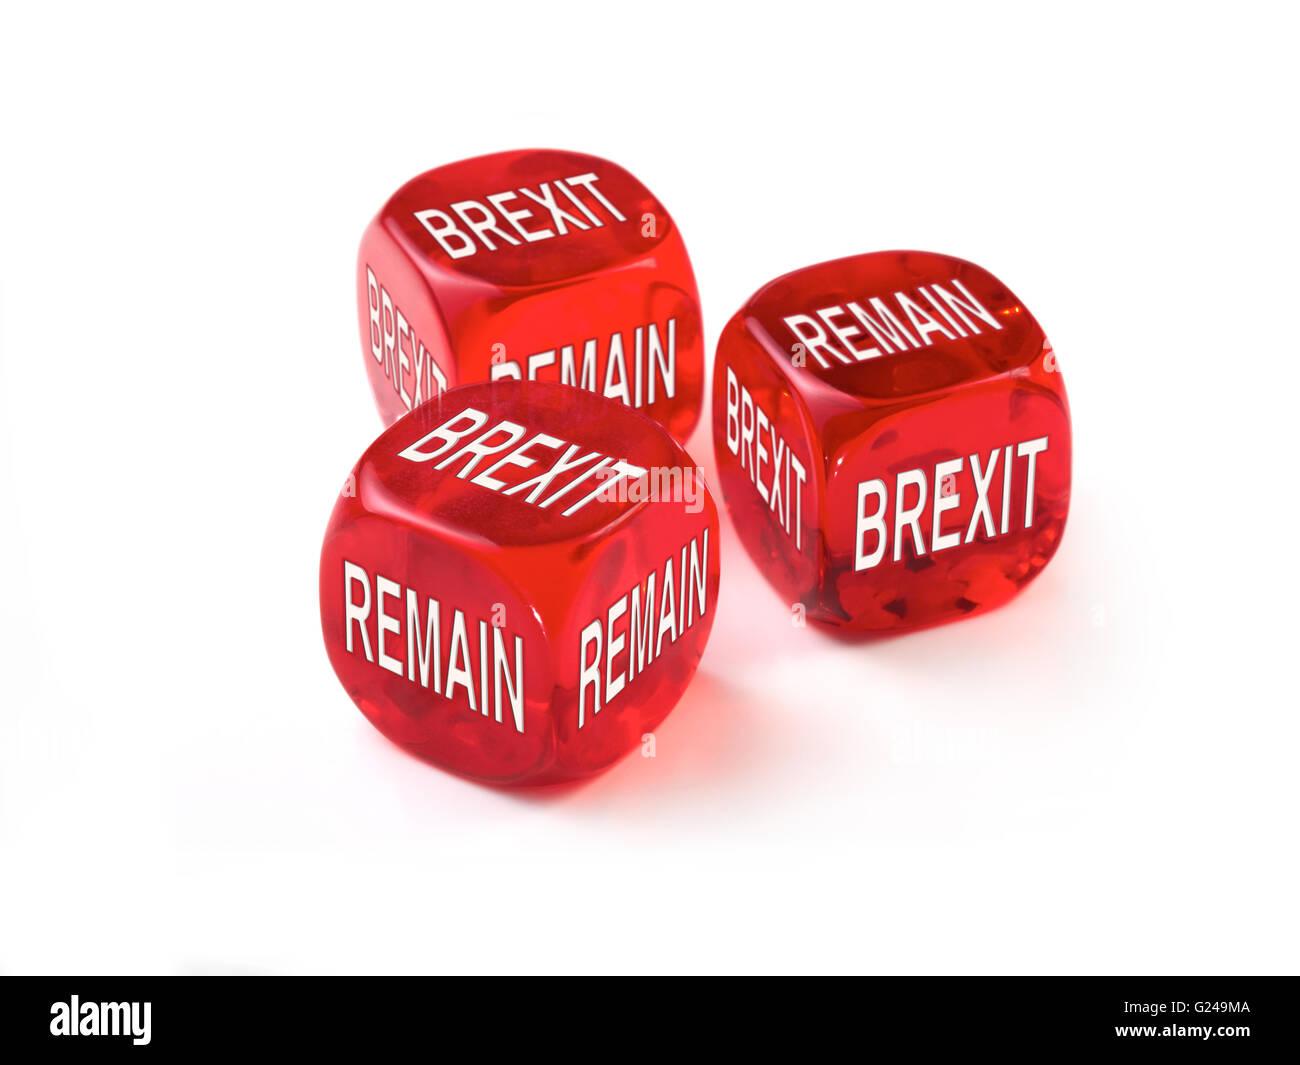 Austritt oder Dice-Konzept bleiben. Vereinigtes Königreich Wahlen zum Europäischen Parlament die Abstimmung Stockbild